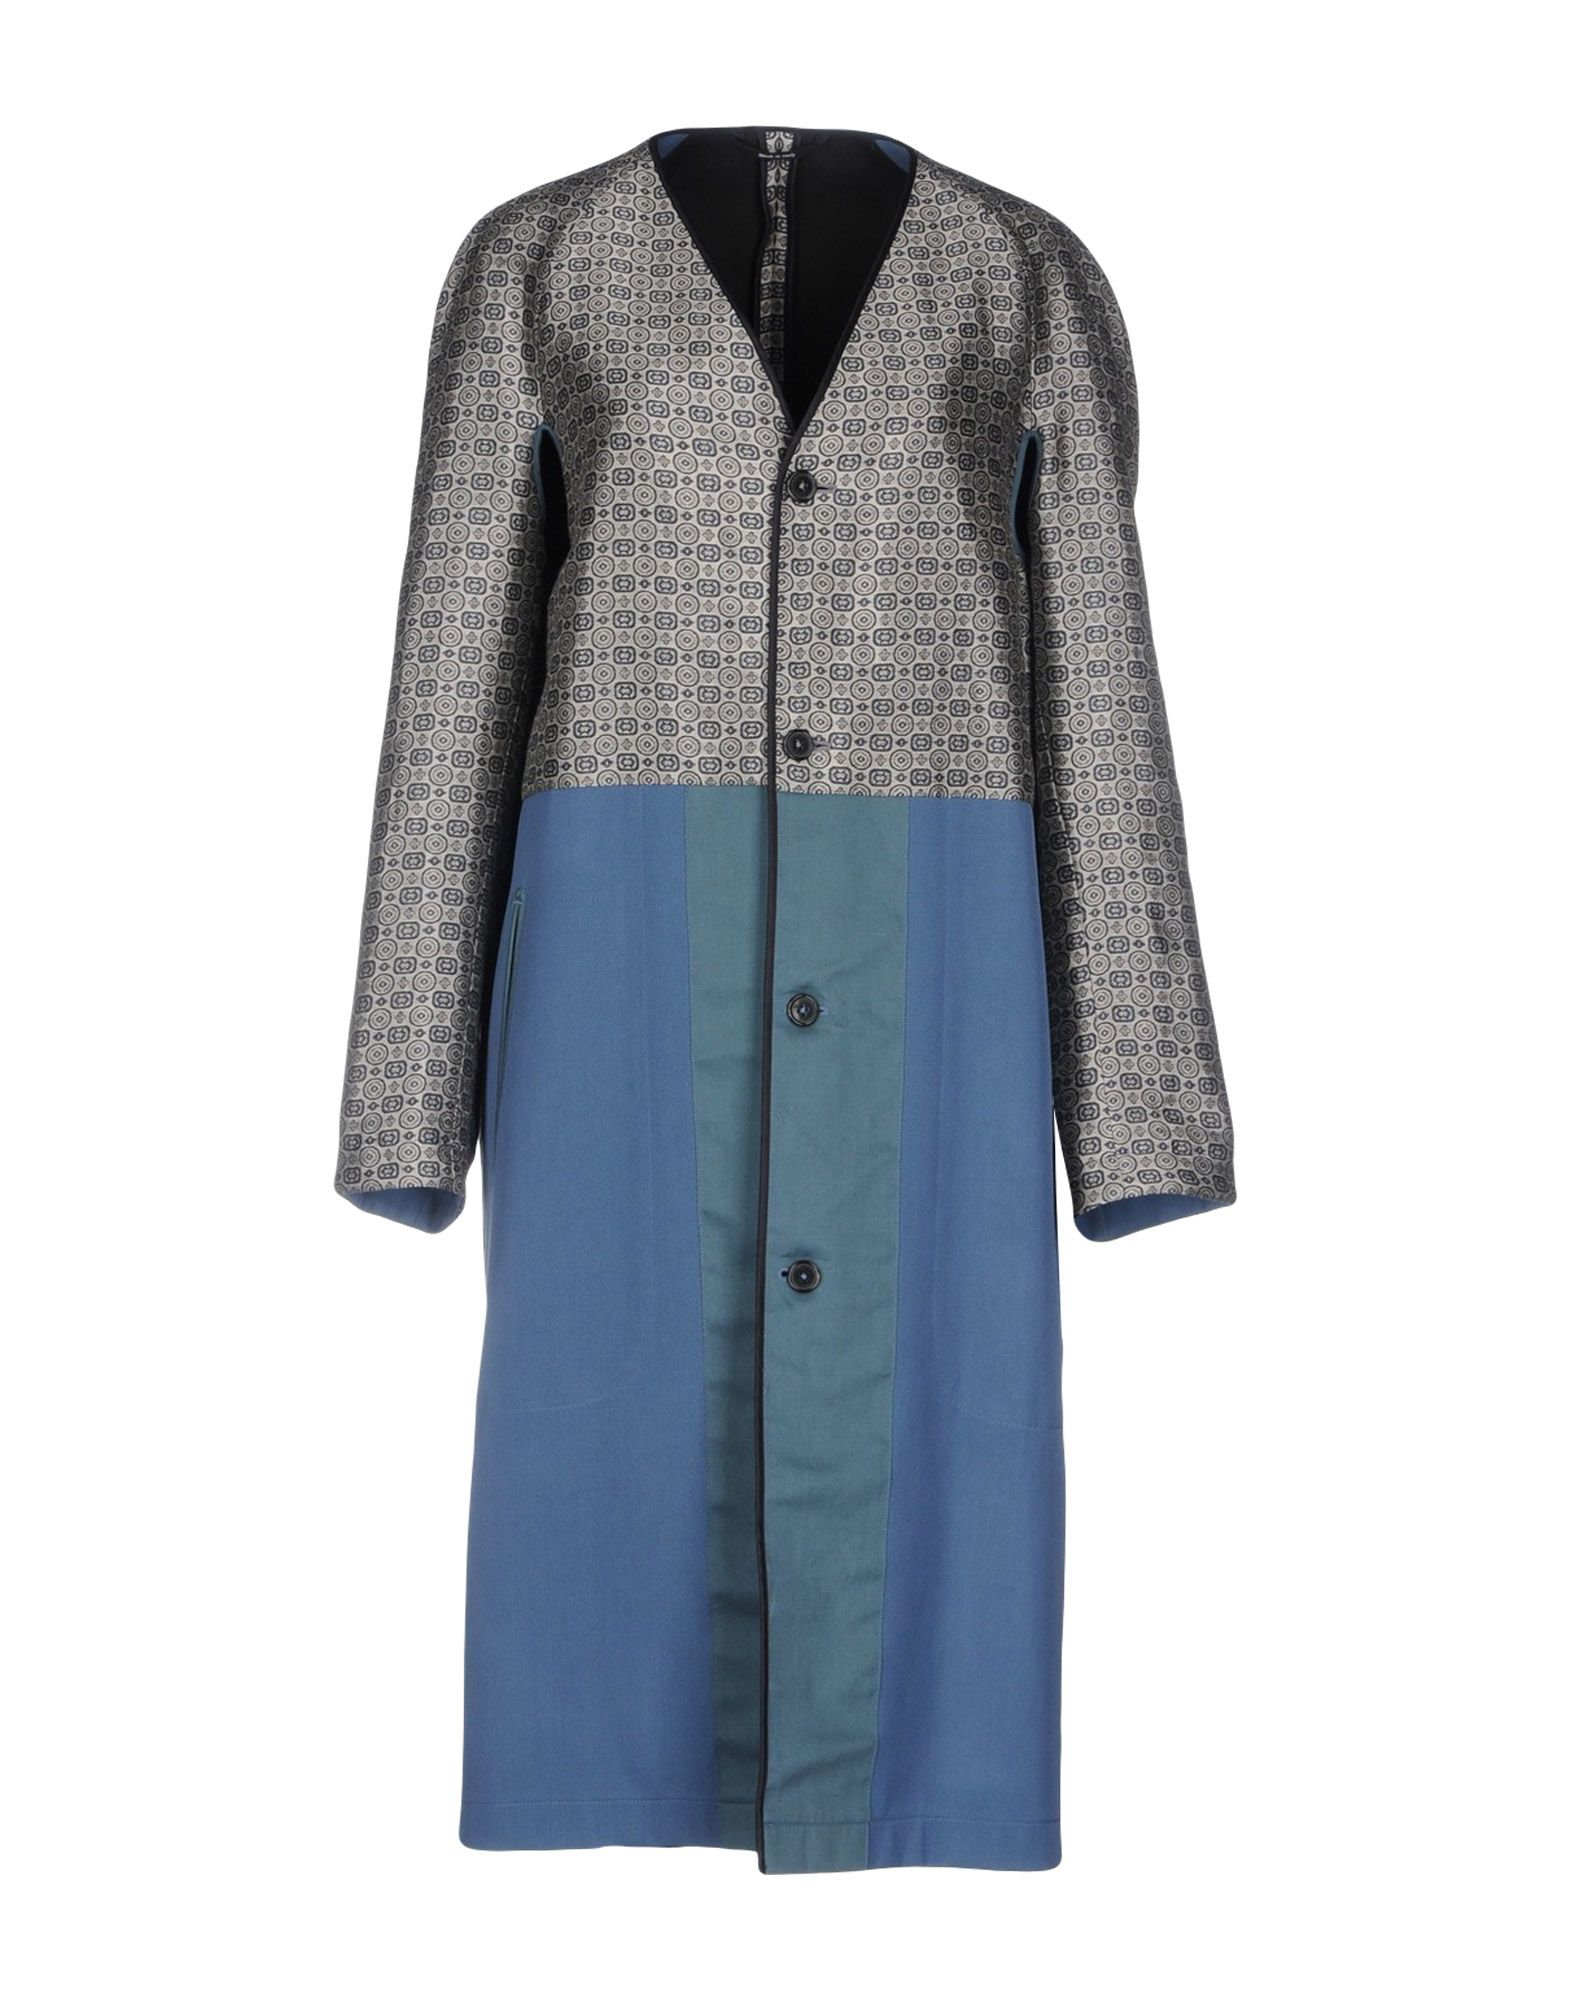 Coats & Jackets Women - Sale Coats & Jackets - YOOX United States- Online,  Fashion, Design, Shopping